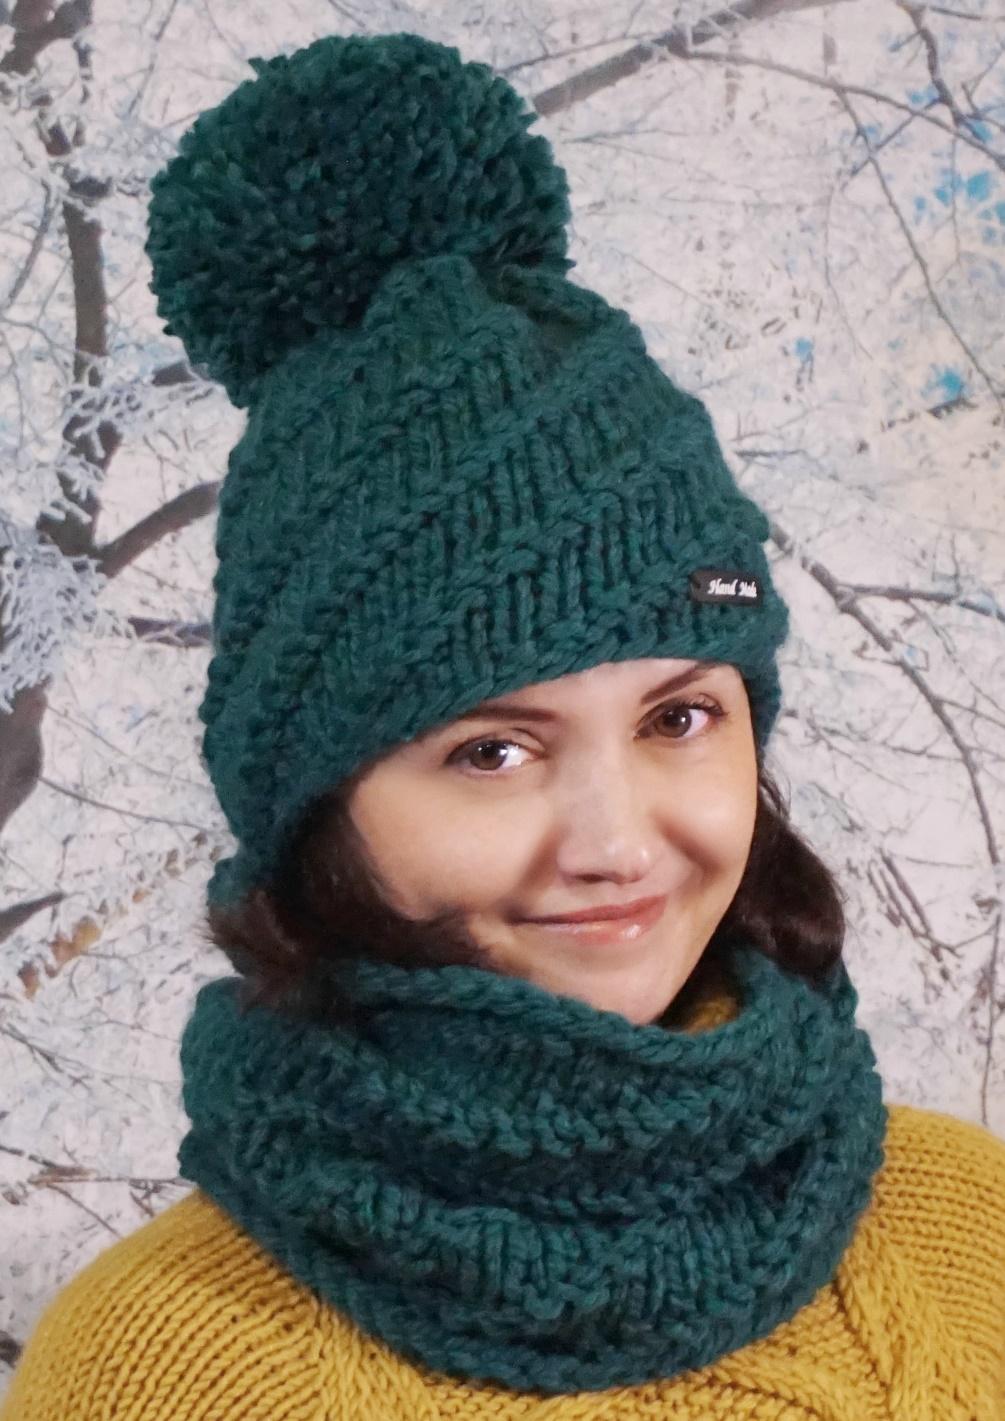 шапка вязаная женская спицами из толстой пряжи с диагональным узором